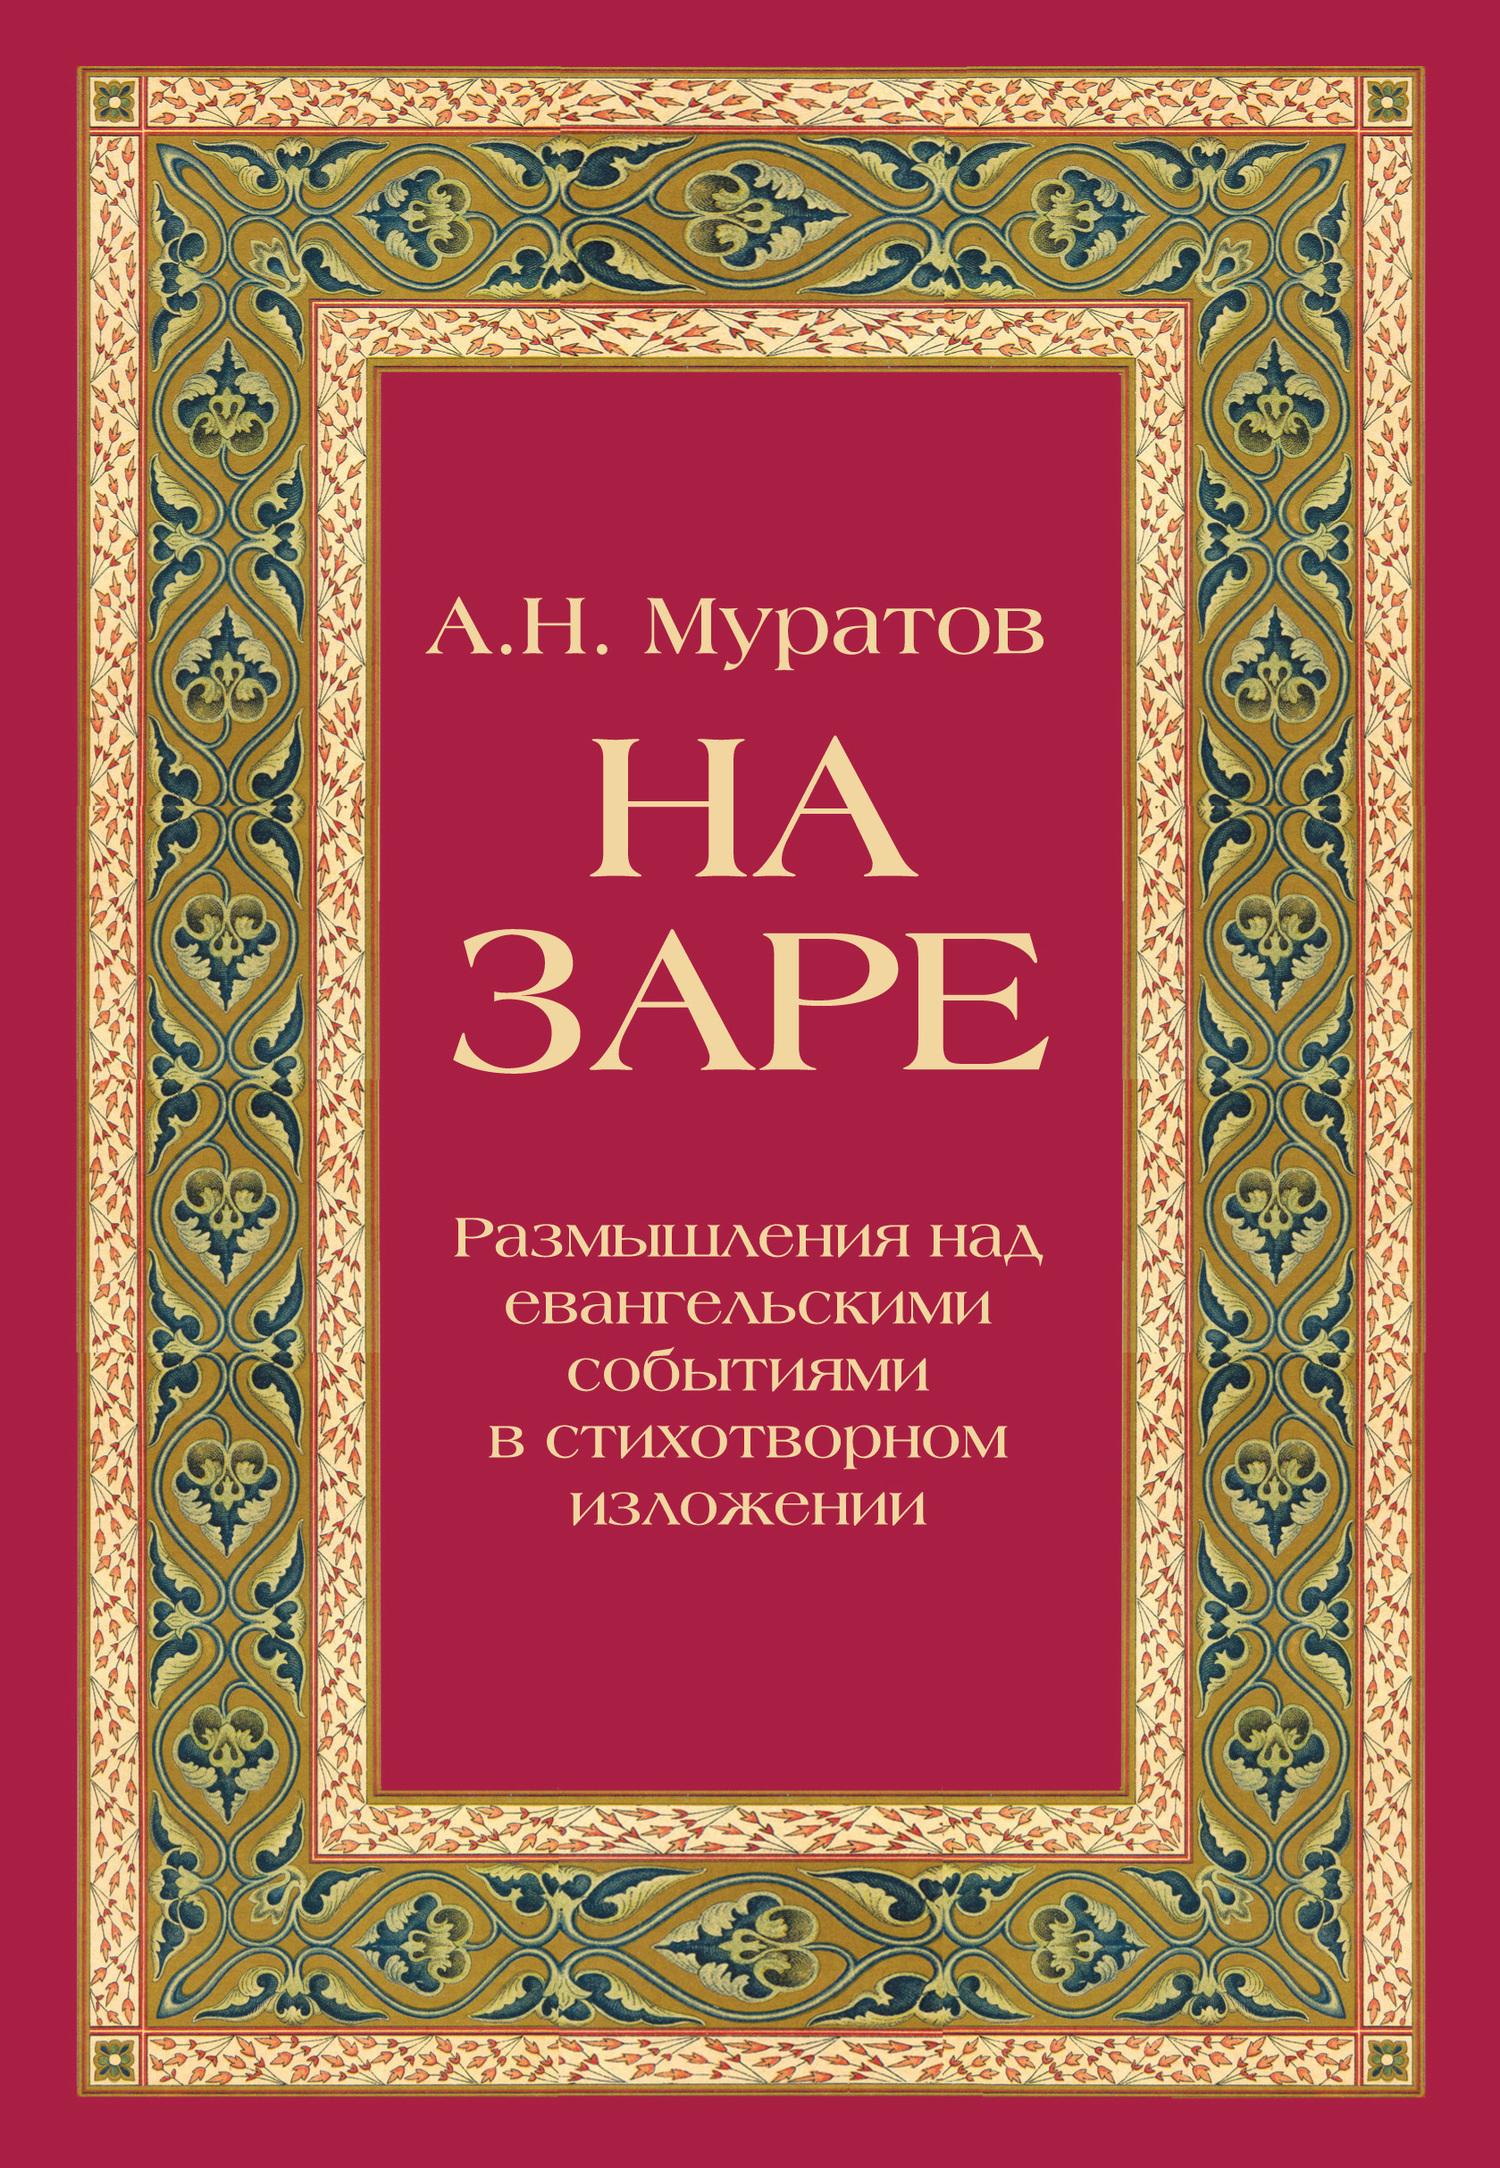 А. Н. Муратов. На заре. Размышления над евангельскими событиями в стихотворном изложении